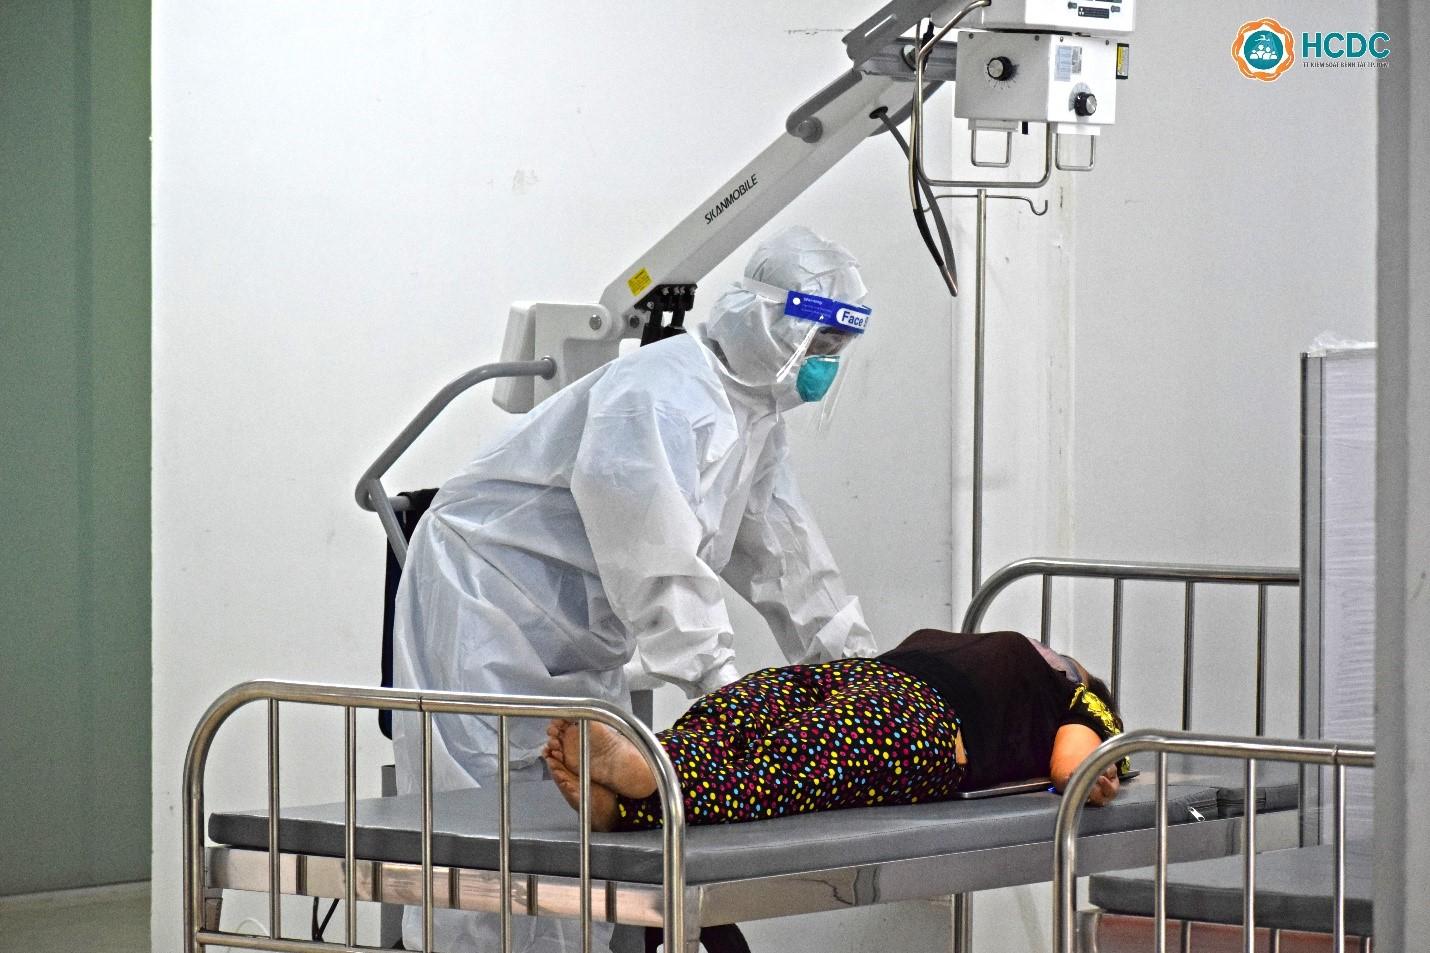 Nhân viên y tế hướng dẫn bệnh nhân tư thế nằm để chụp X-Quang. Ảnh: HCDC